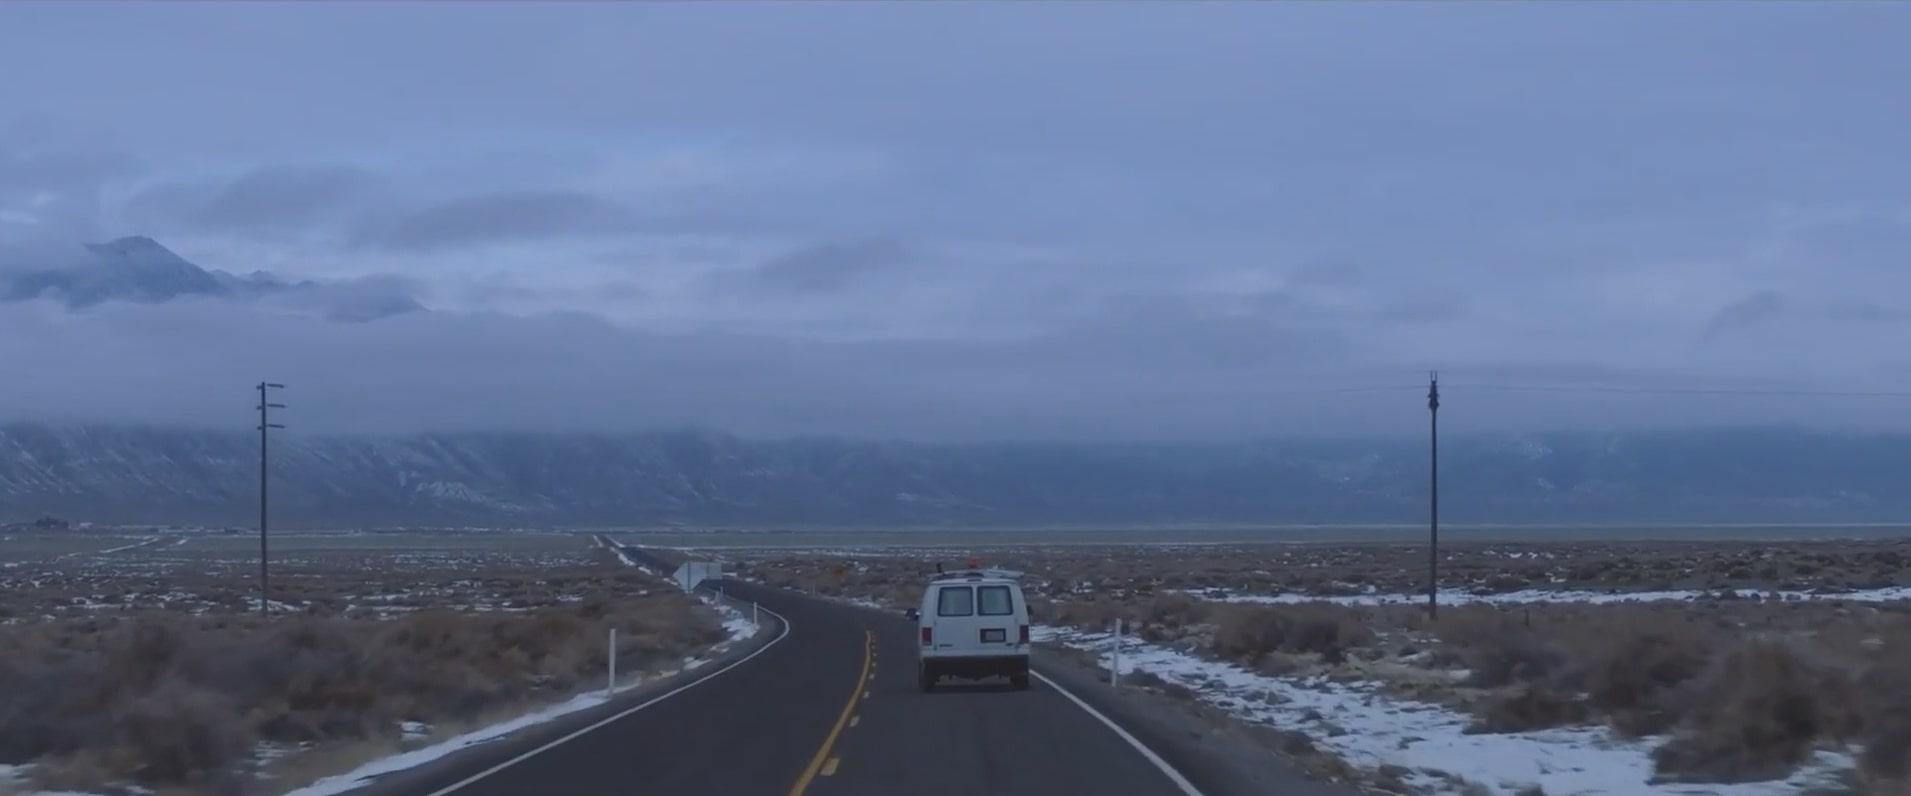 펀이 살던 집으로 돌아왔다가 방랑의 갈로 돌아가는 노매드랜드(Nomadland) 영화의 한 장면.